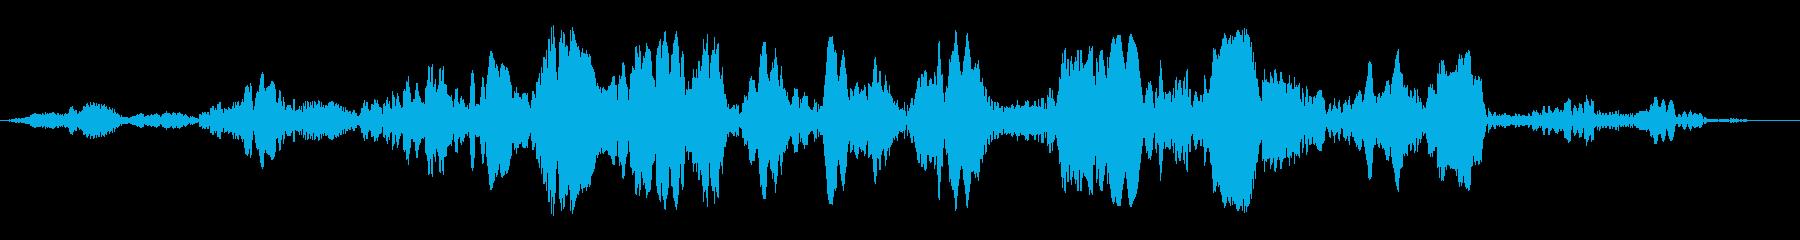 プワプワプワ(回転音)の再生済みの波形